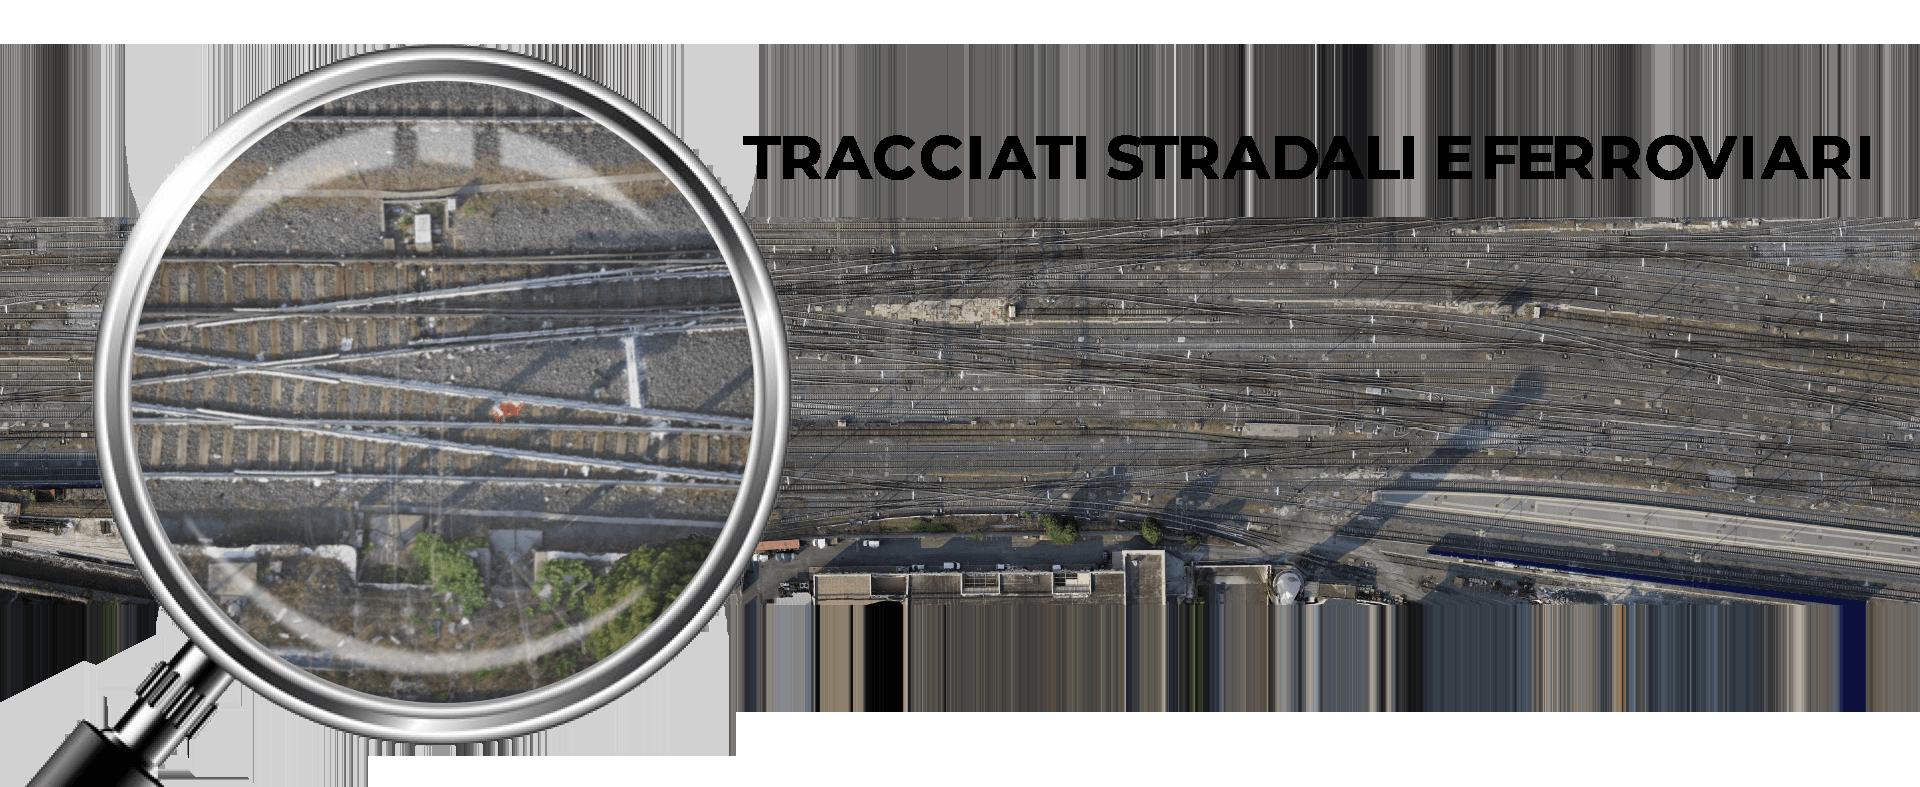 La scansione in movimento permette una gestione del patrimonio infrastrutturale ferroviario